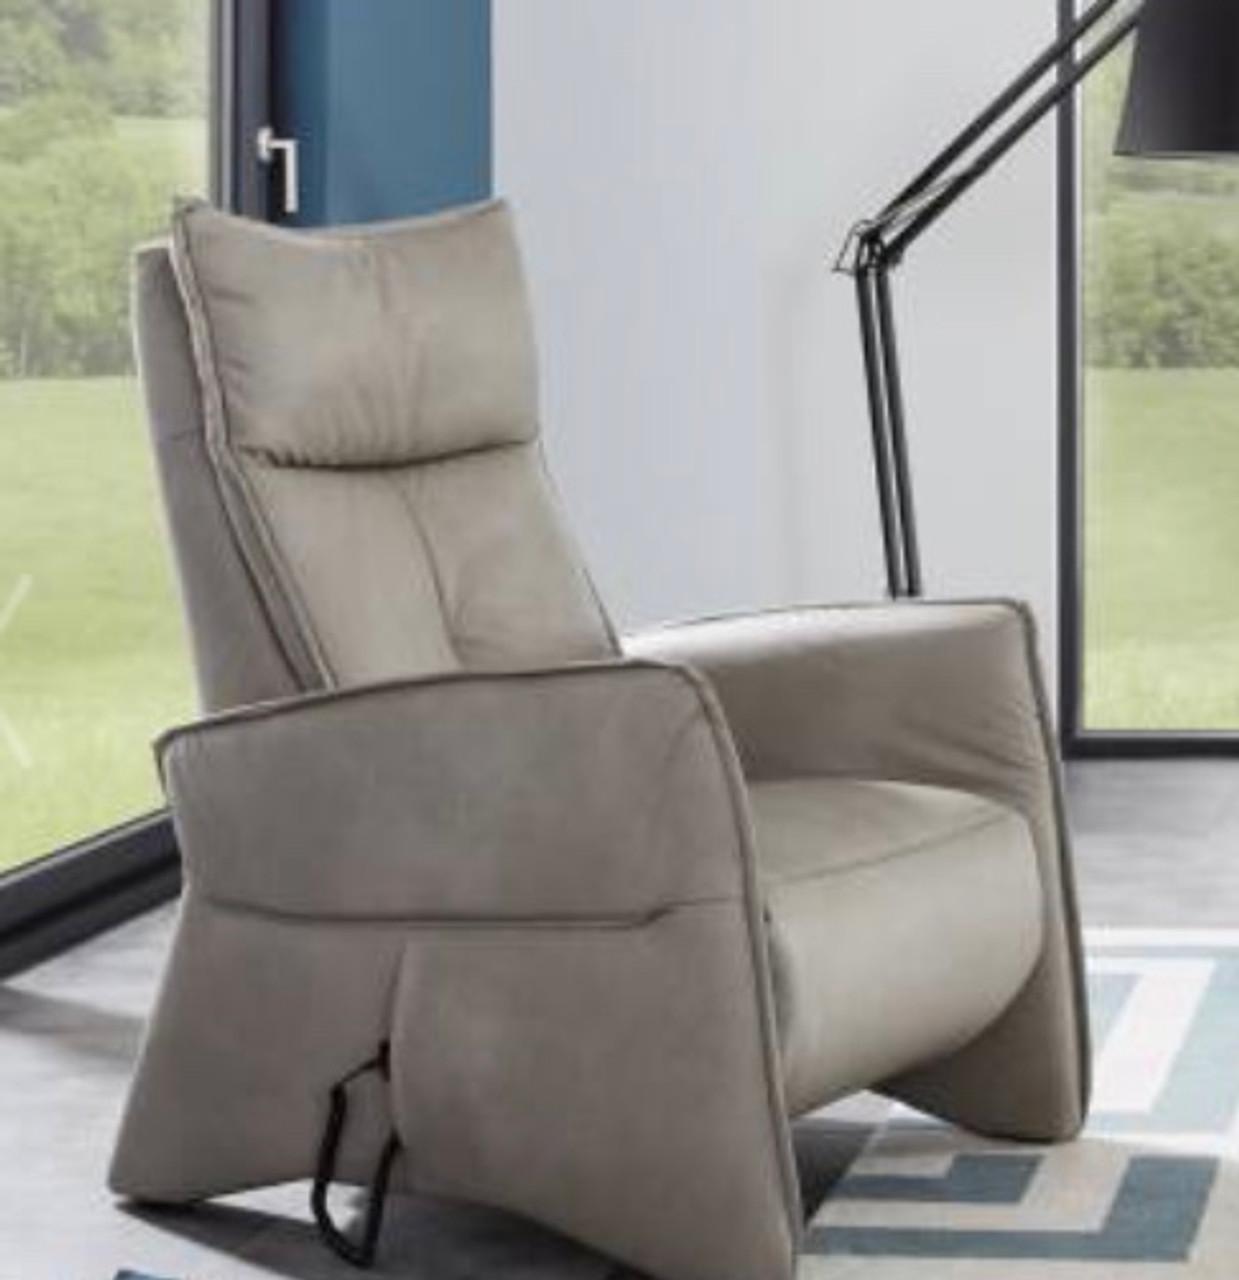 Enjoyable Himolla Albatross Powered Recliner Chair Ships Free Short Links Chair Design For Home Short Linksinfo